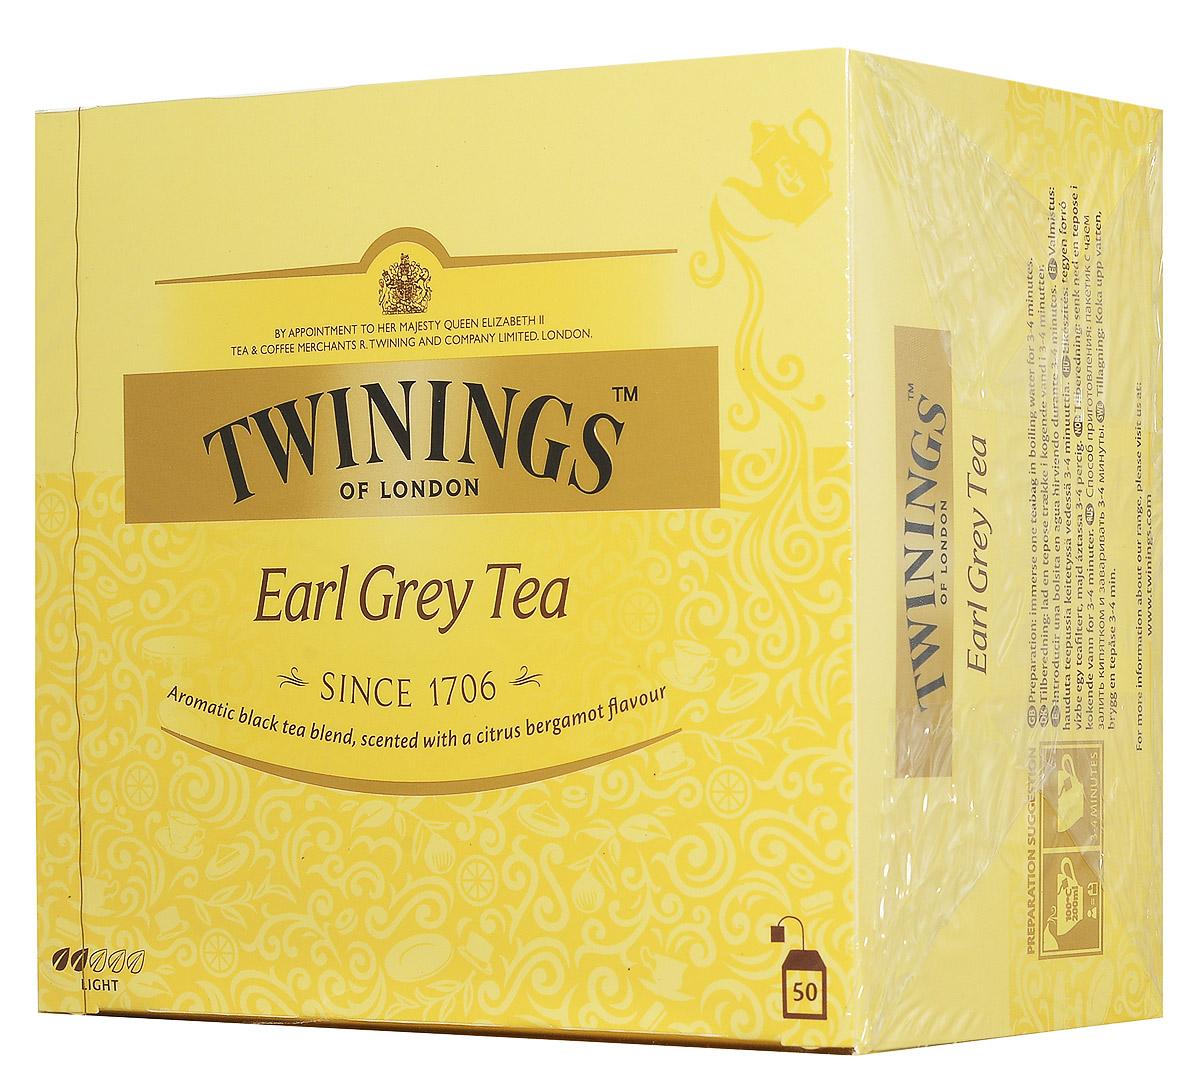 Twinings Earl Grey Tea черный ароматизированный чай в пакетиках, 50 шт070177078966Twinings Earl Grey - ароматная смесь черного чая с цитрусовым вкусом бергамота.Всё о чае: сорта, факты, советы по выбору и употреблению. Статья OZON Гид